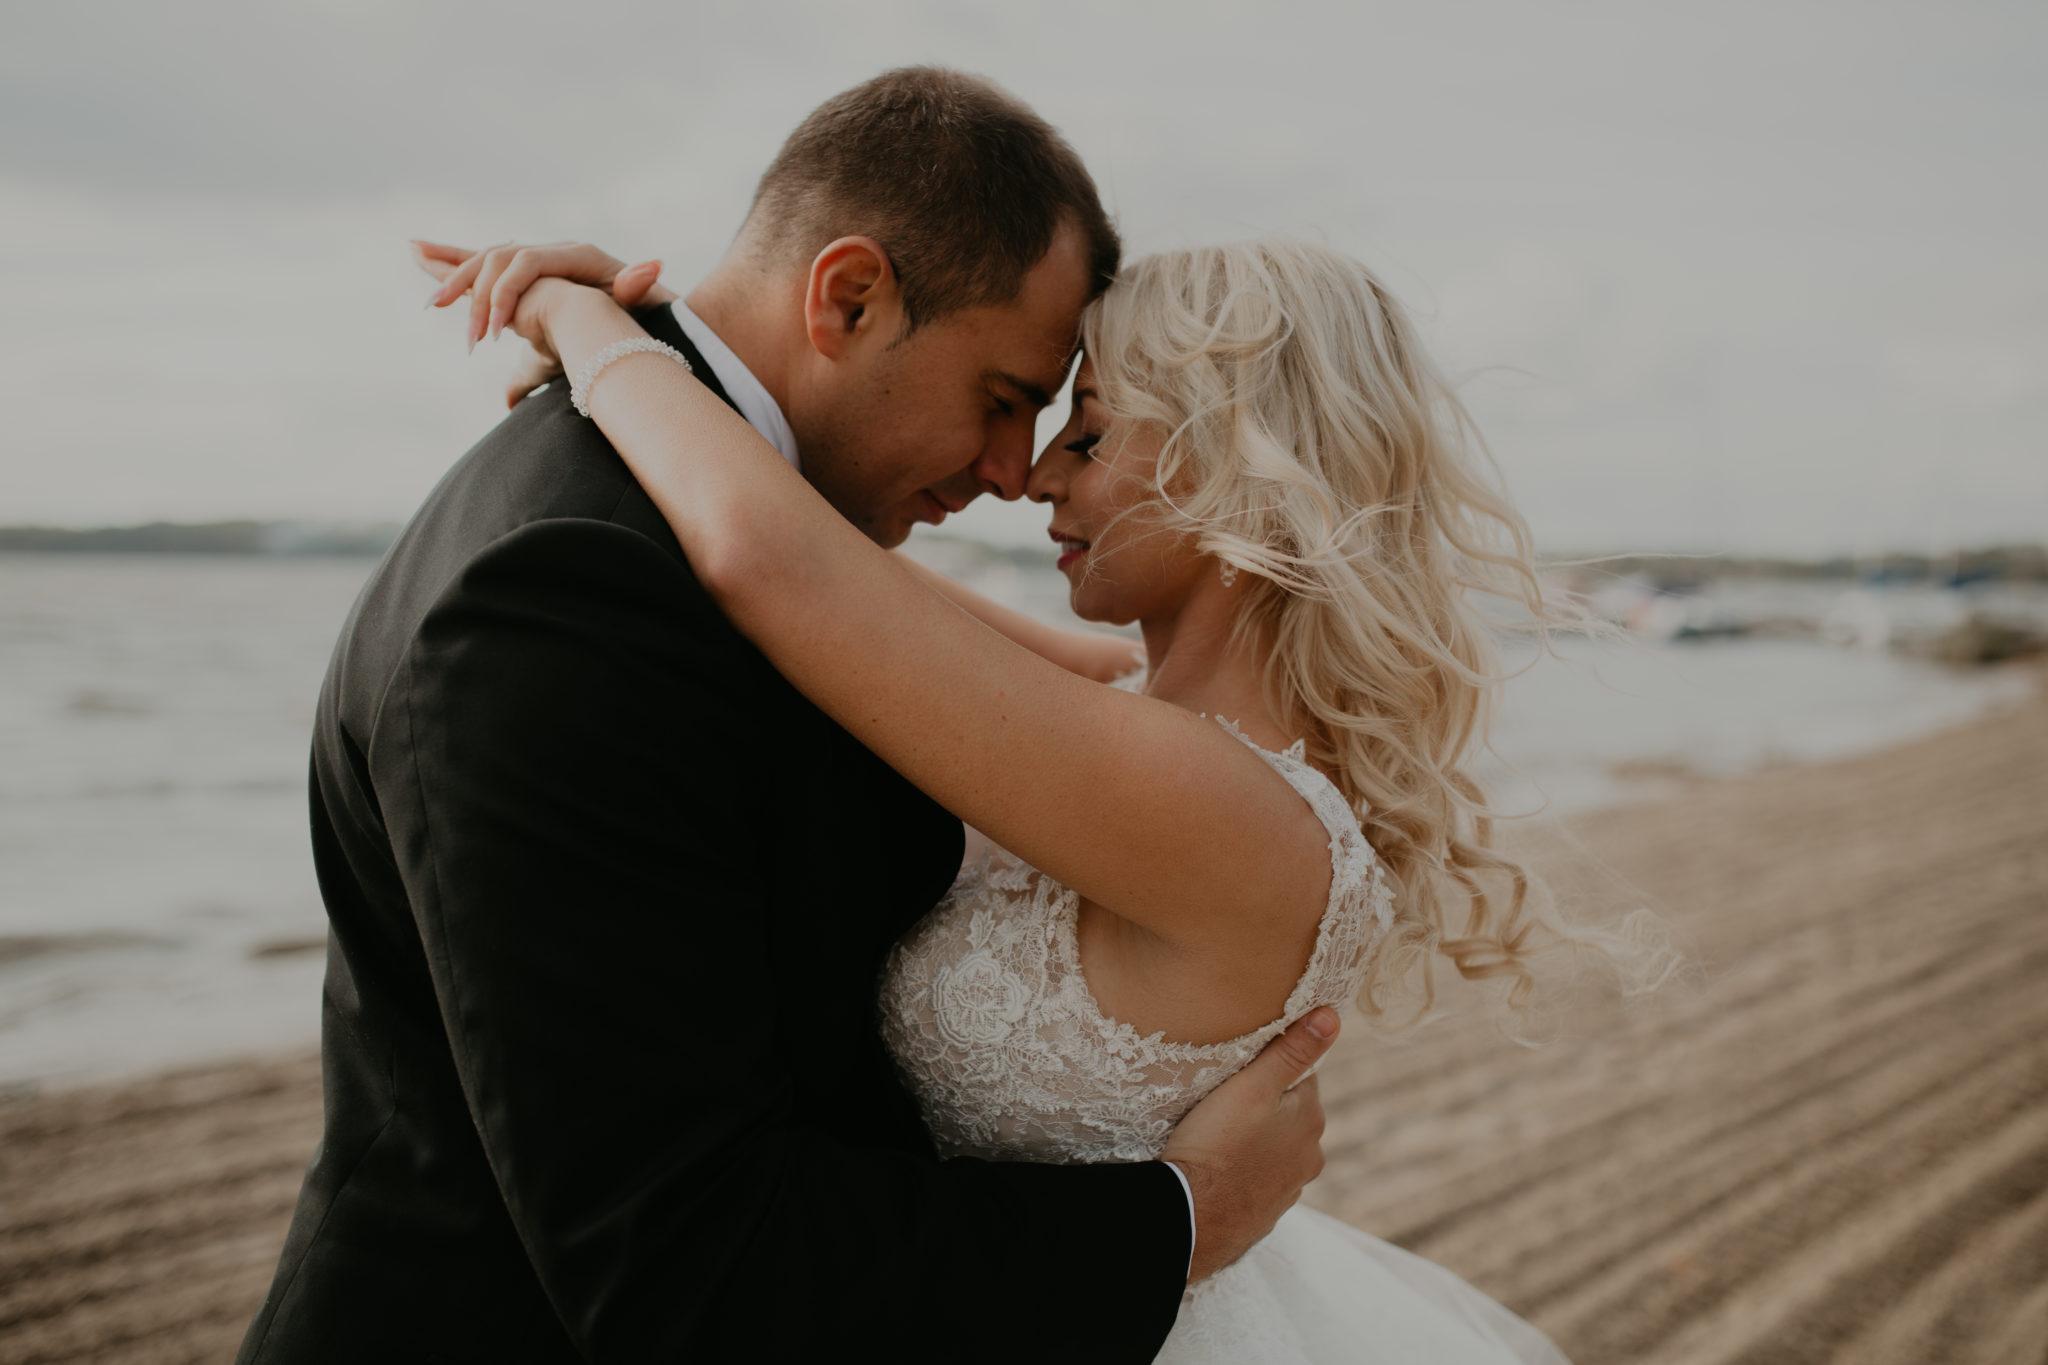 asia i mateuszplener 6 - fotografiaam Fotografia ślubna RK wedding